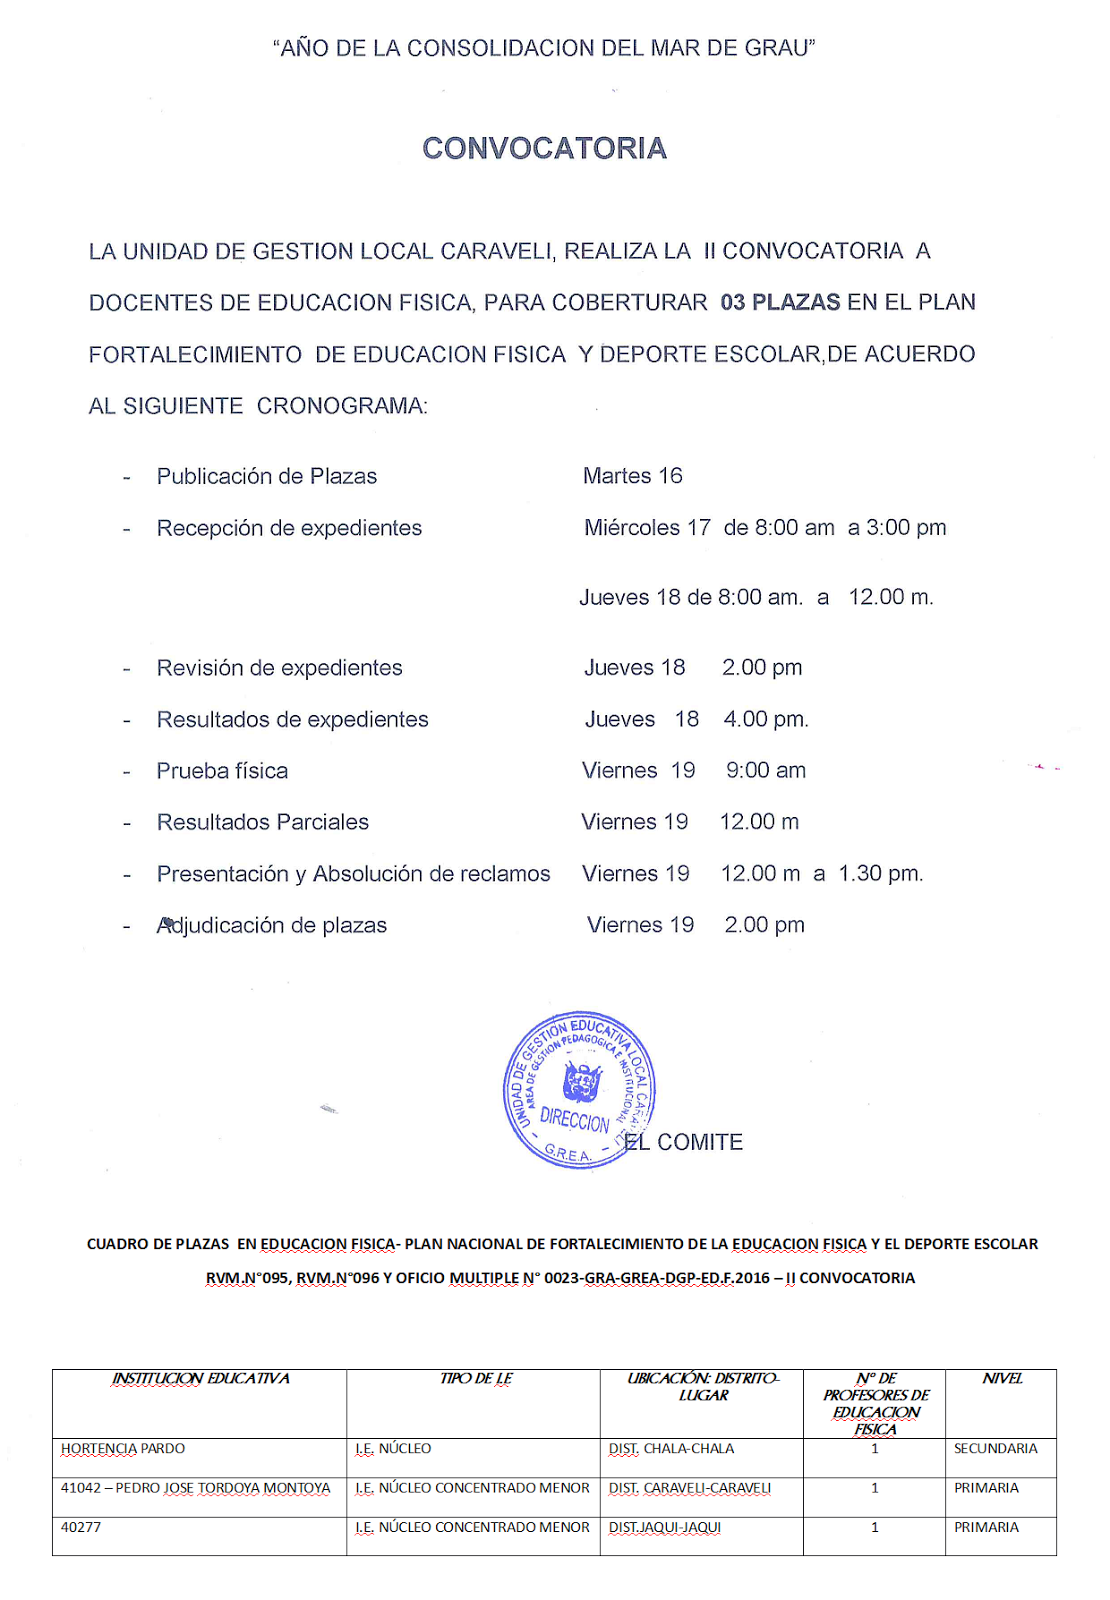 Convocatoria de plazas del plan de fortalecimiento de la Convocatoria docentes 2016 ministerio de educacion